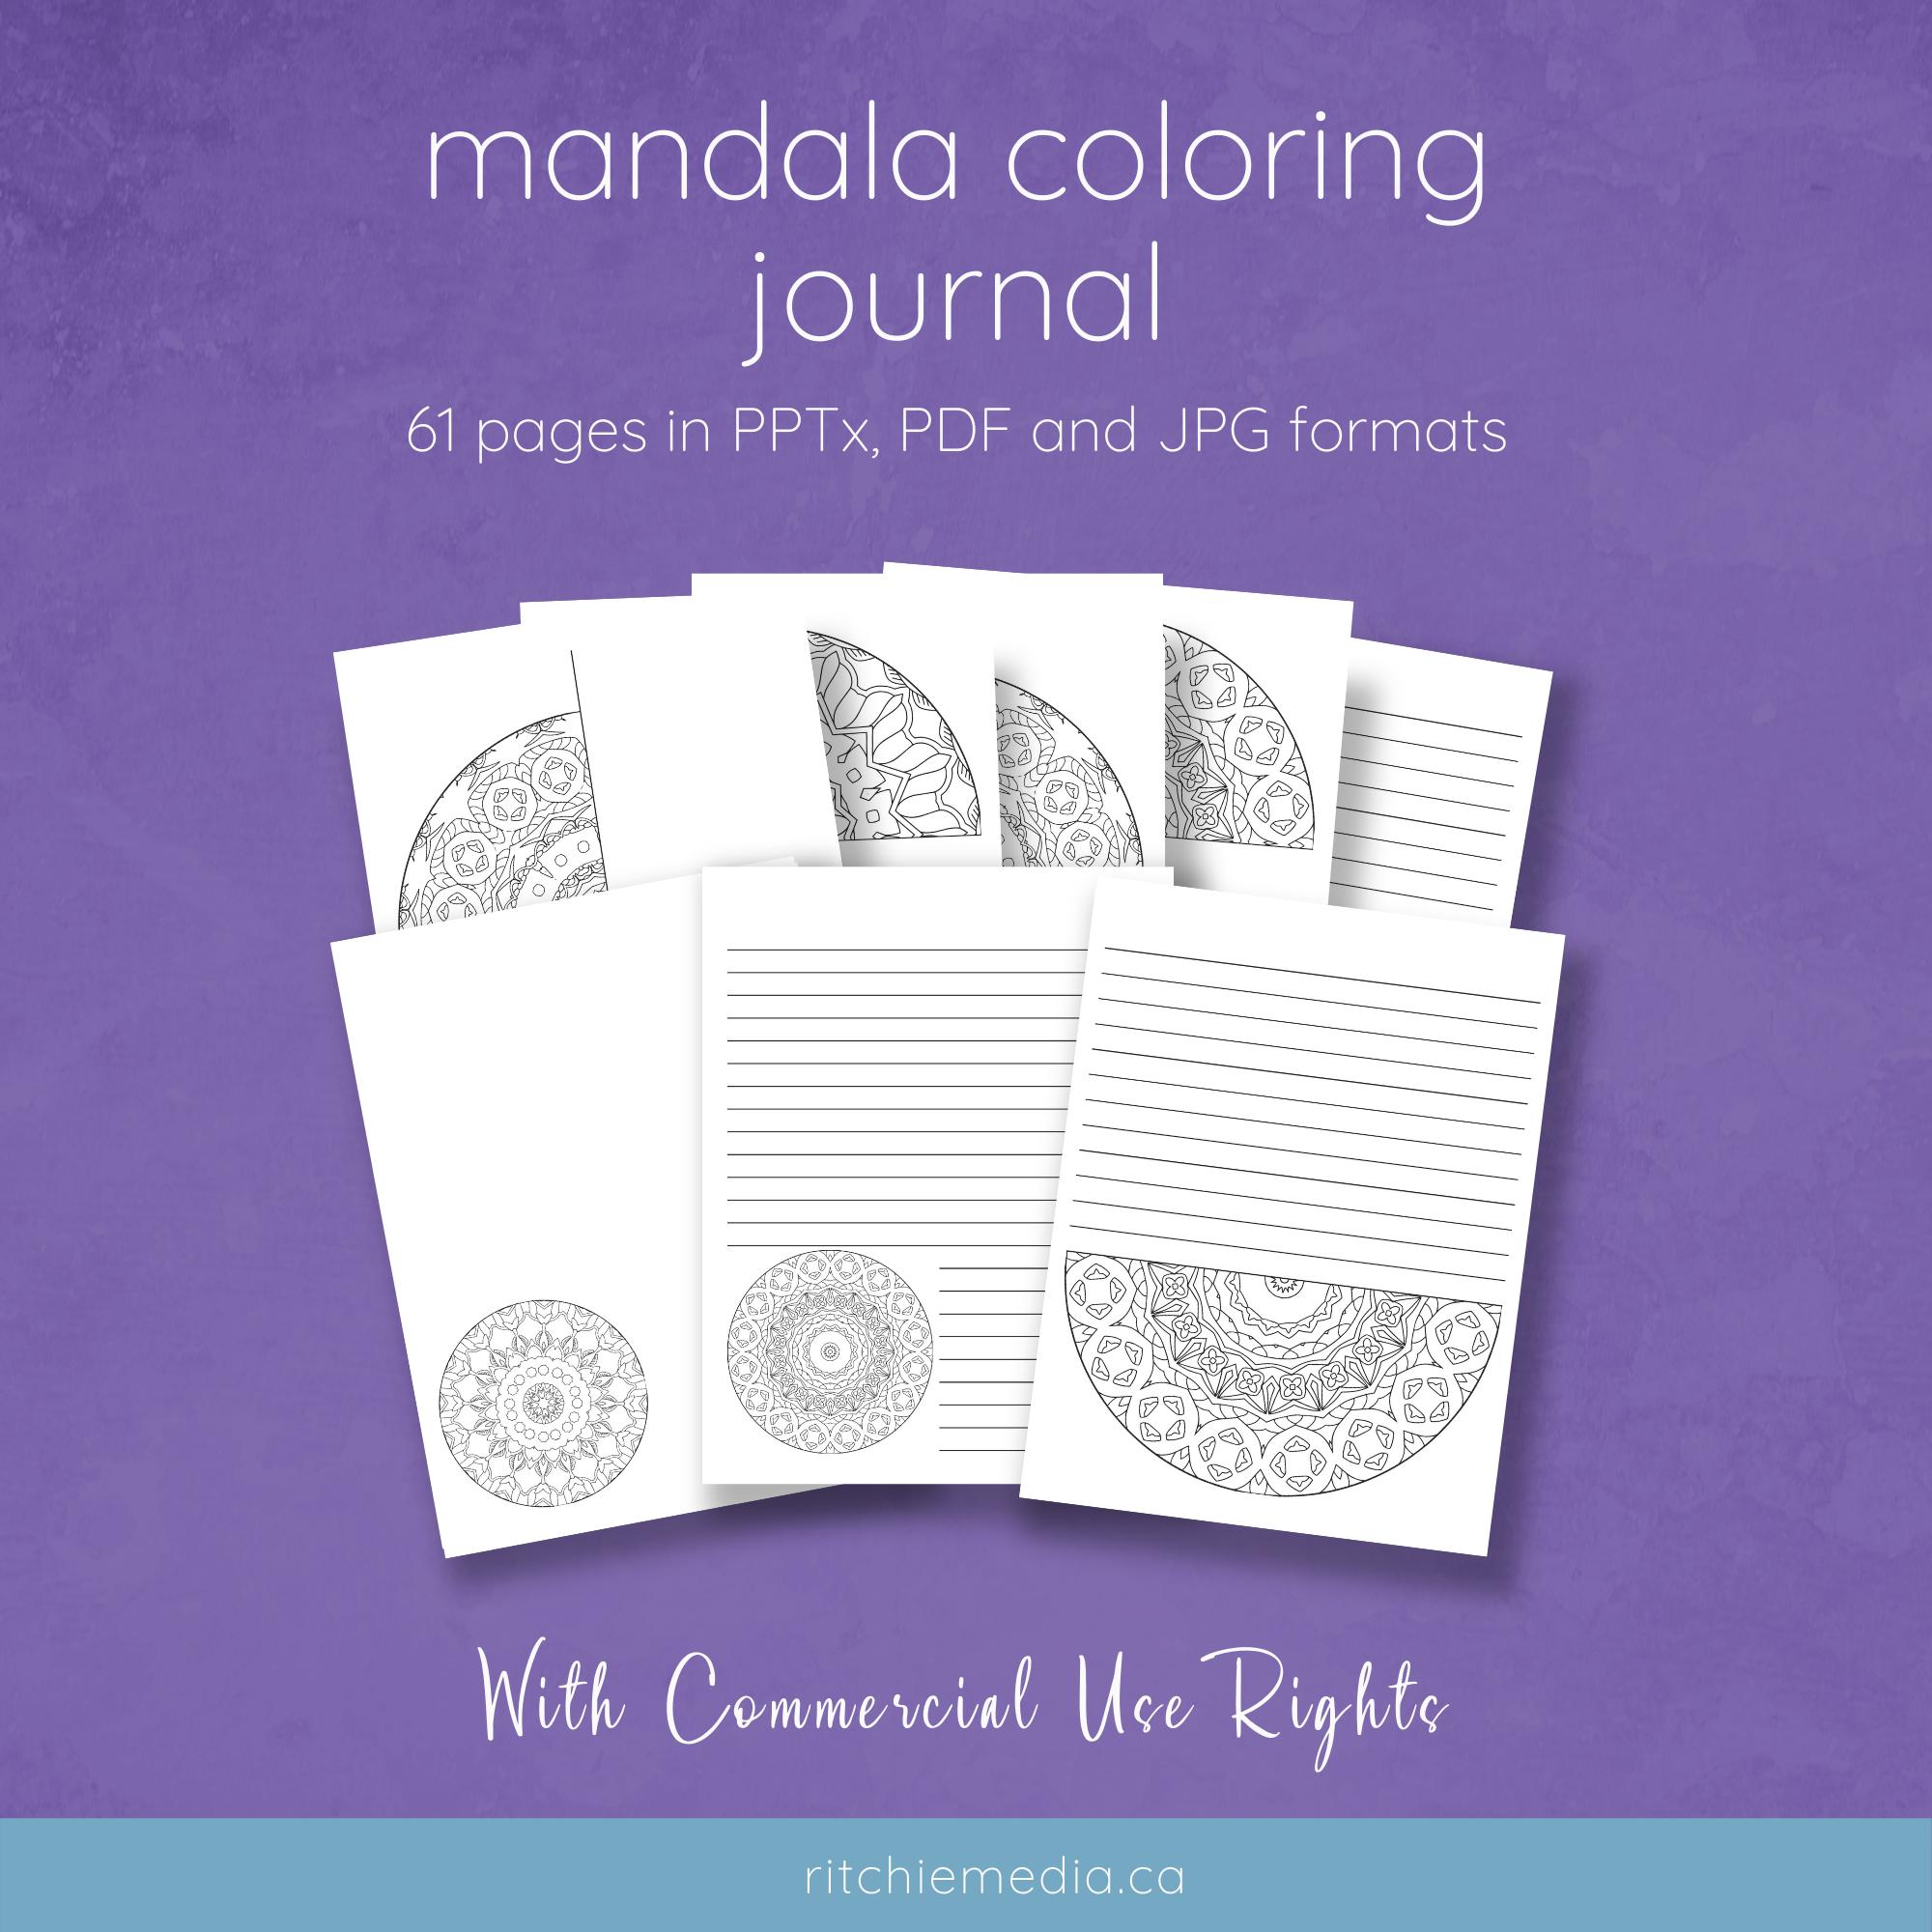 mandala coloring journal mockup